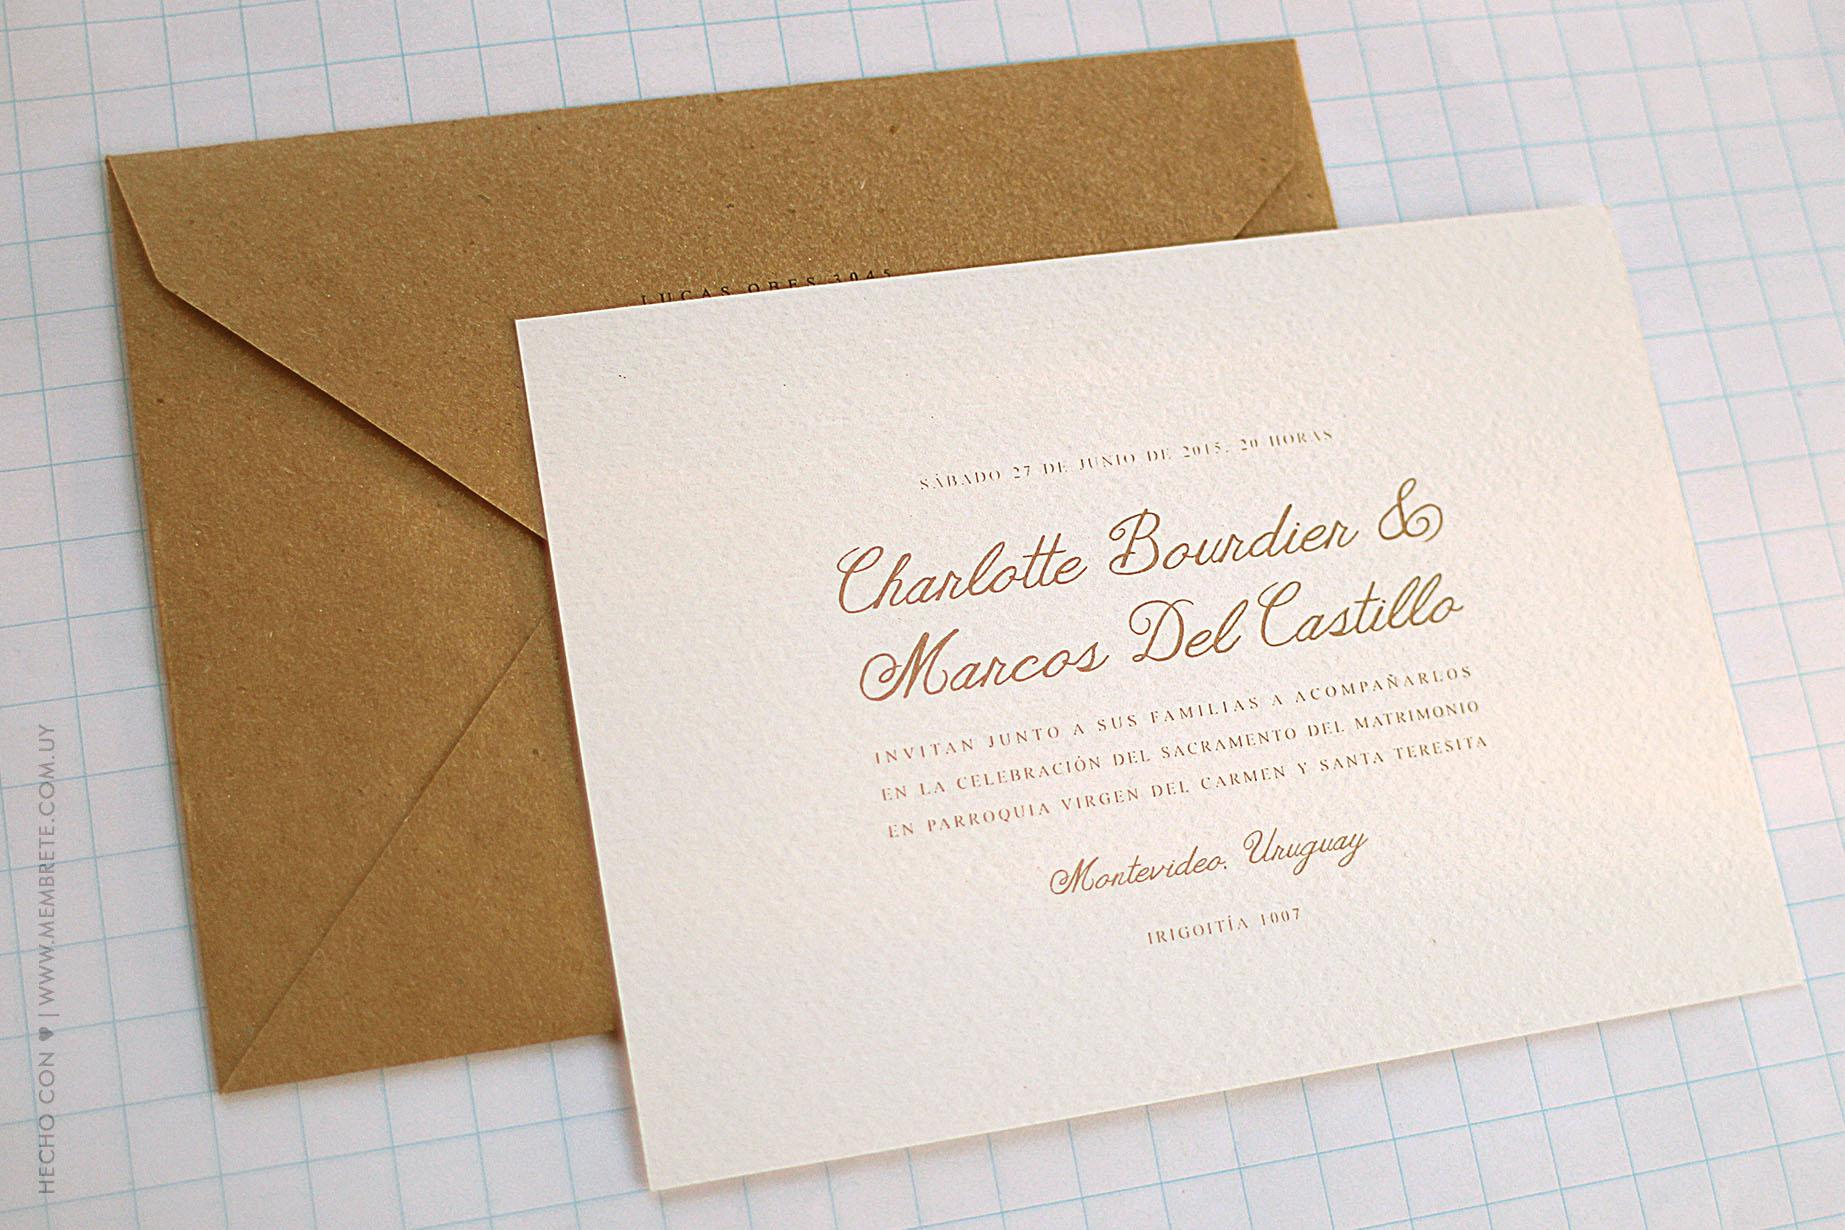 Charlotte & Marcos ♥ Membrete   Invitaciones en papel   www.membrete.com.uy